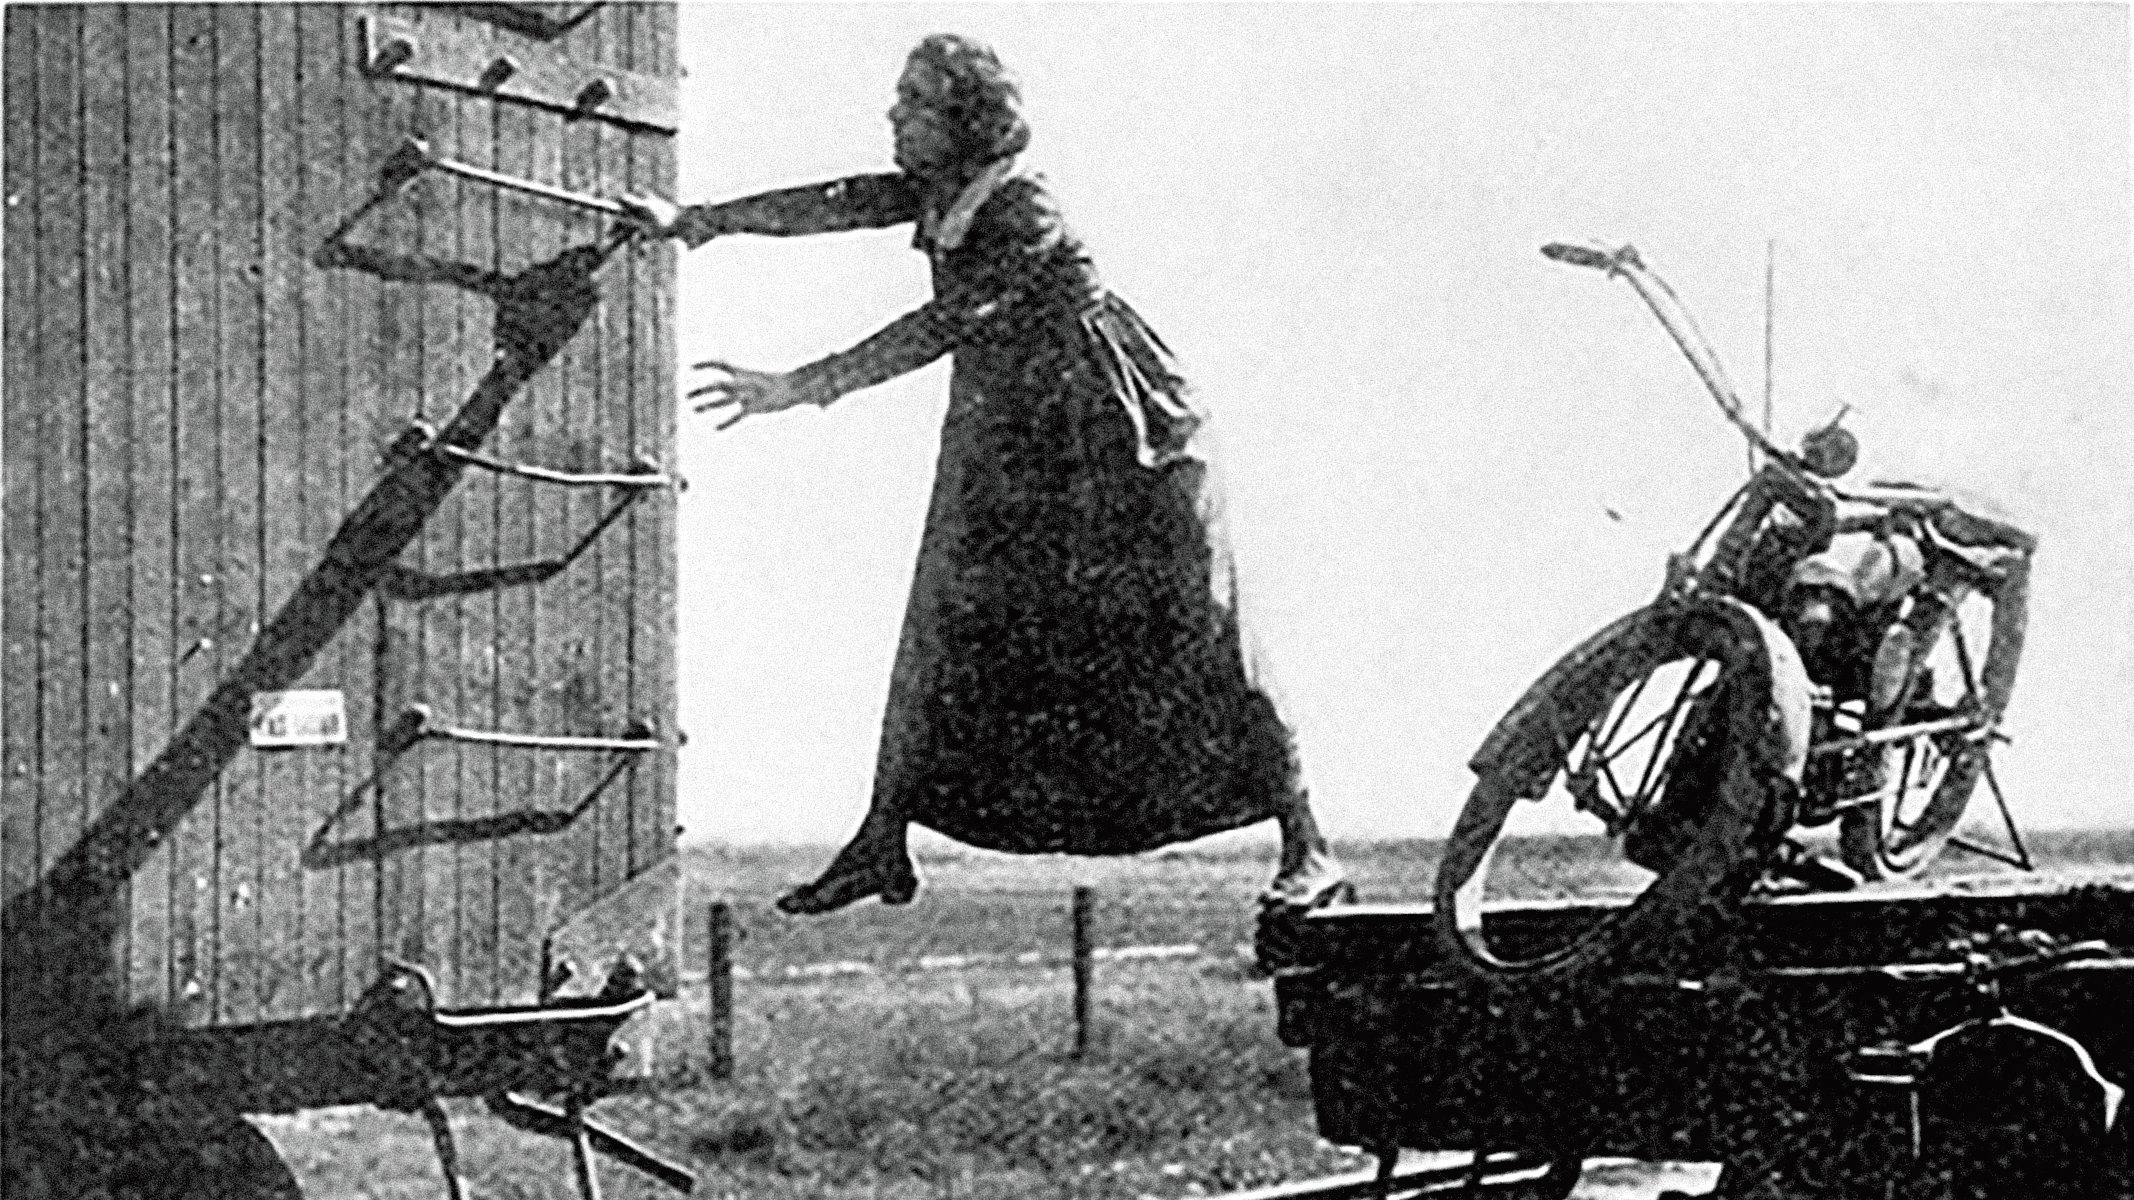 THE HAZARDS OF HELEN, 1915